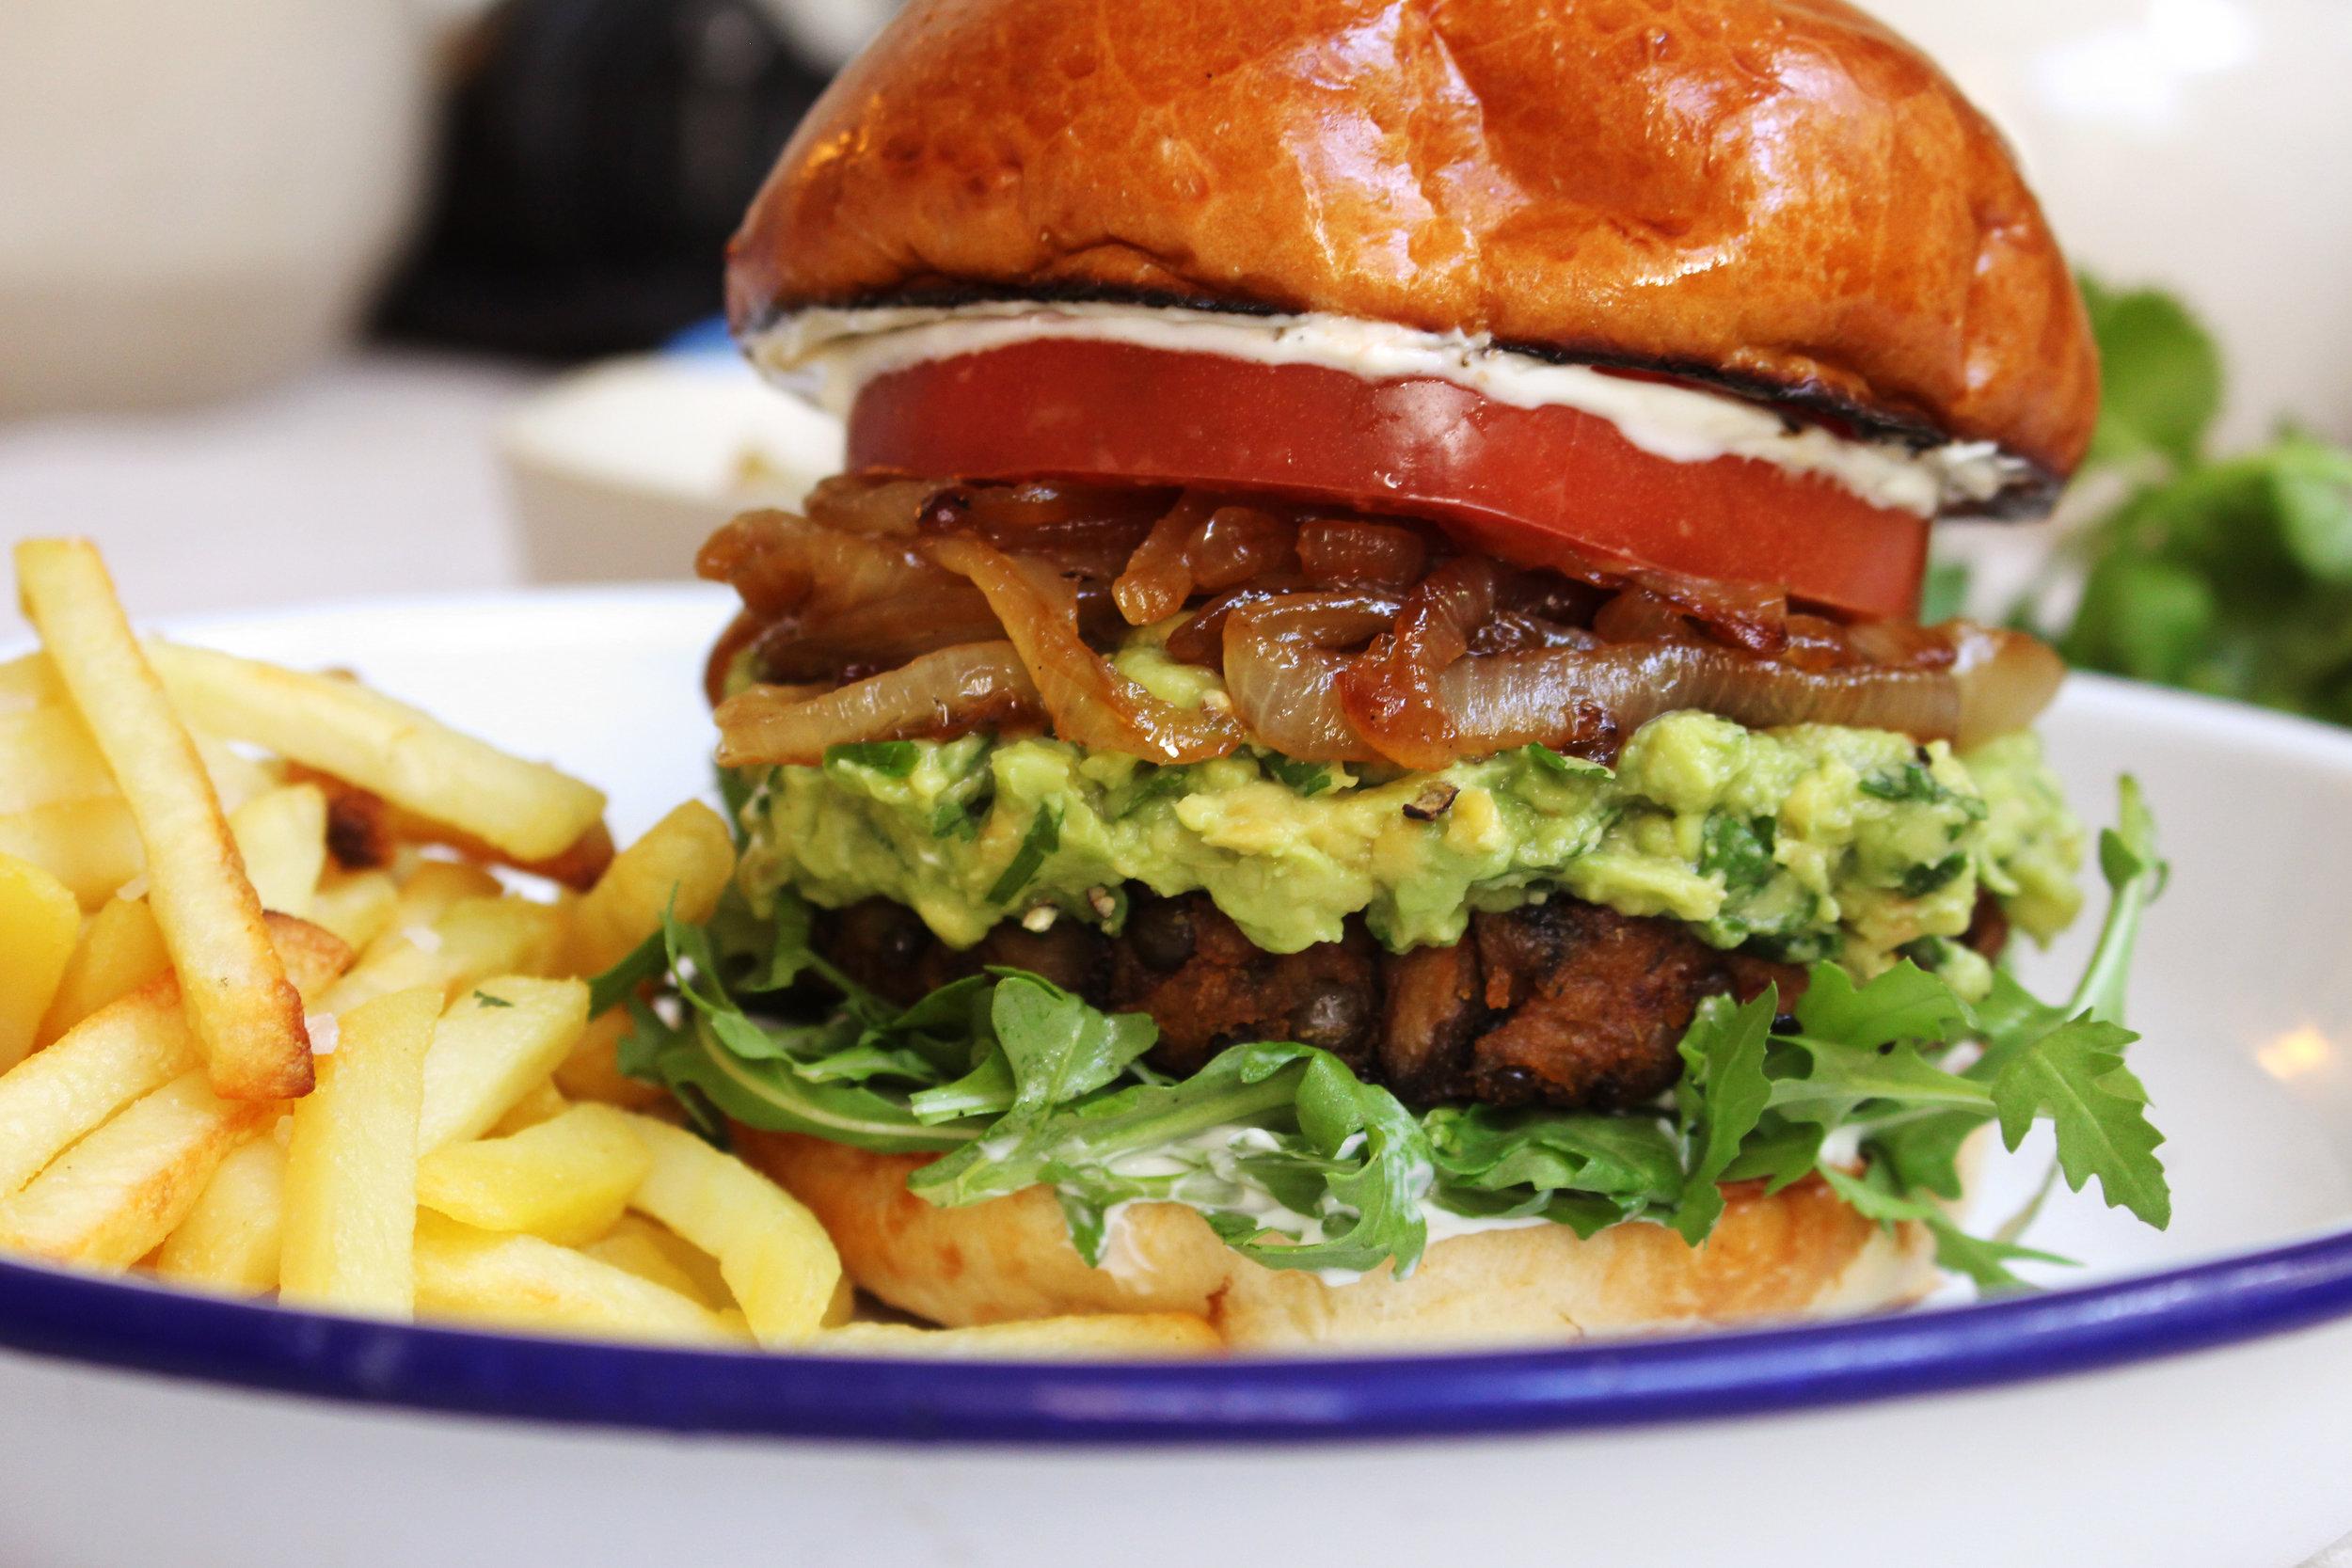 burgerfryclose.jpg